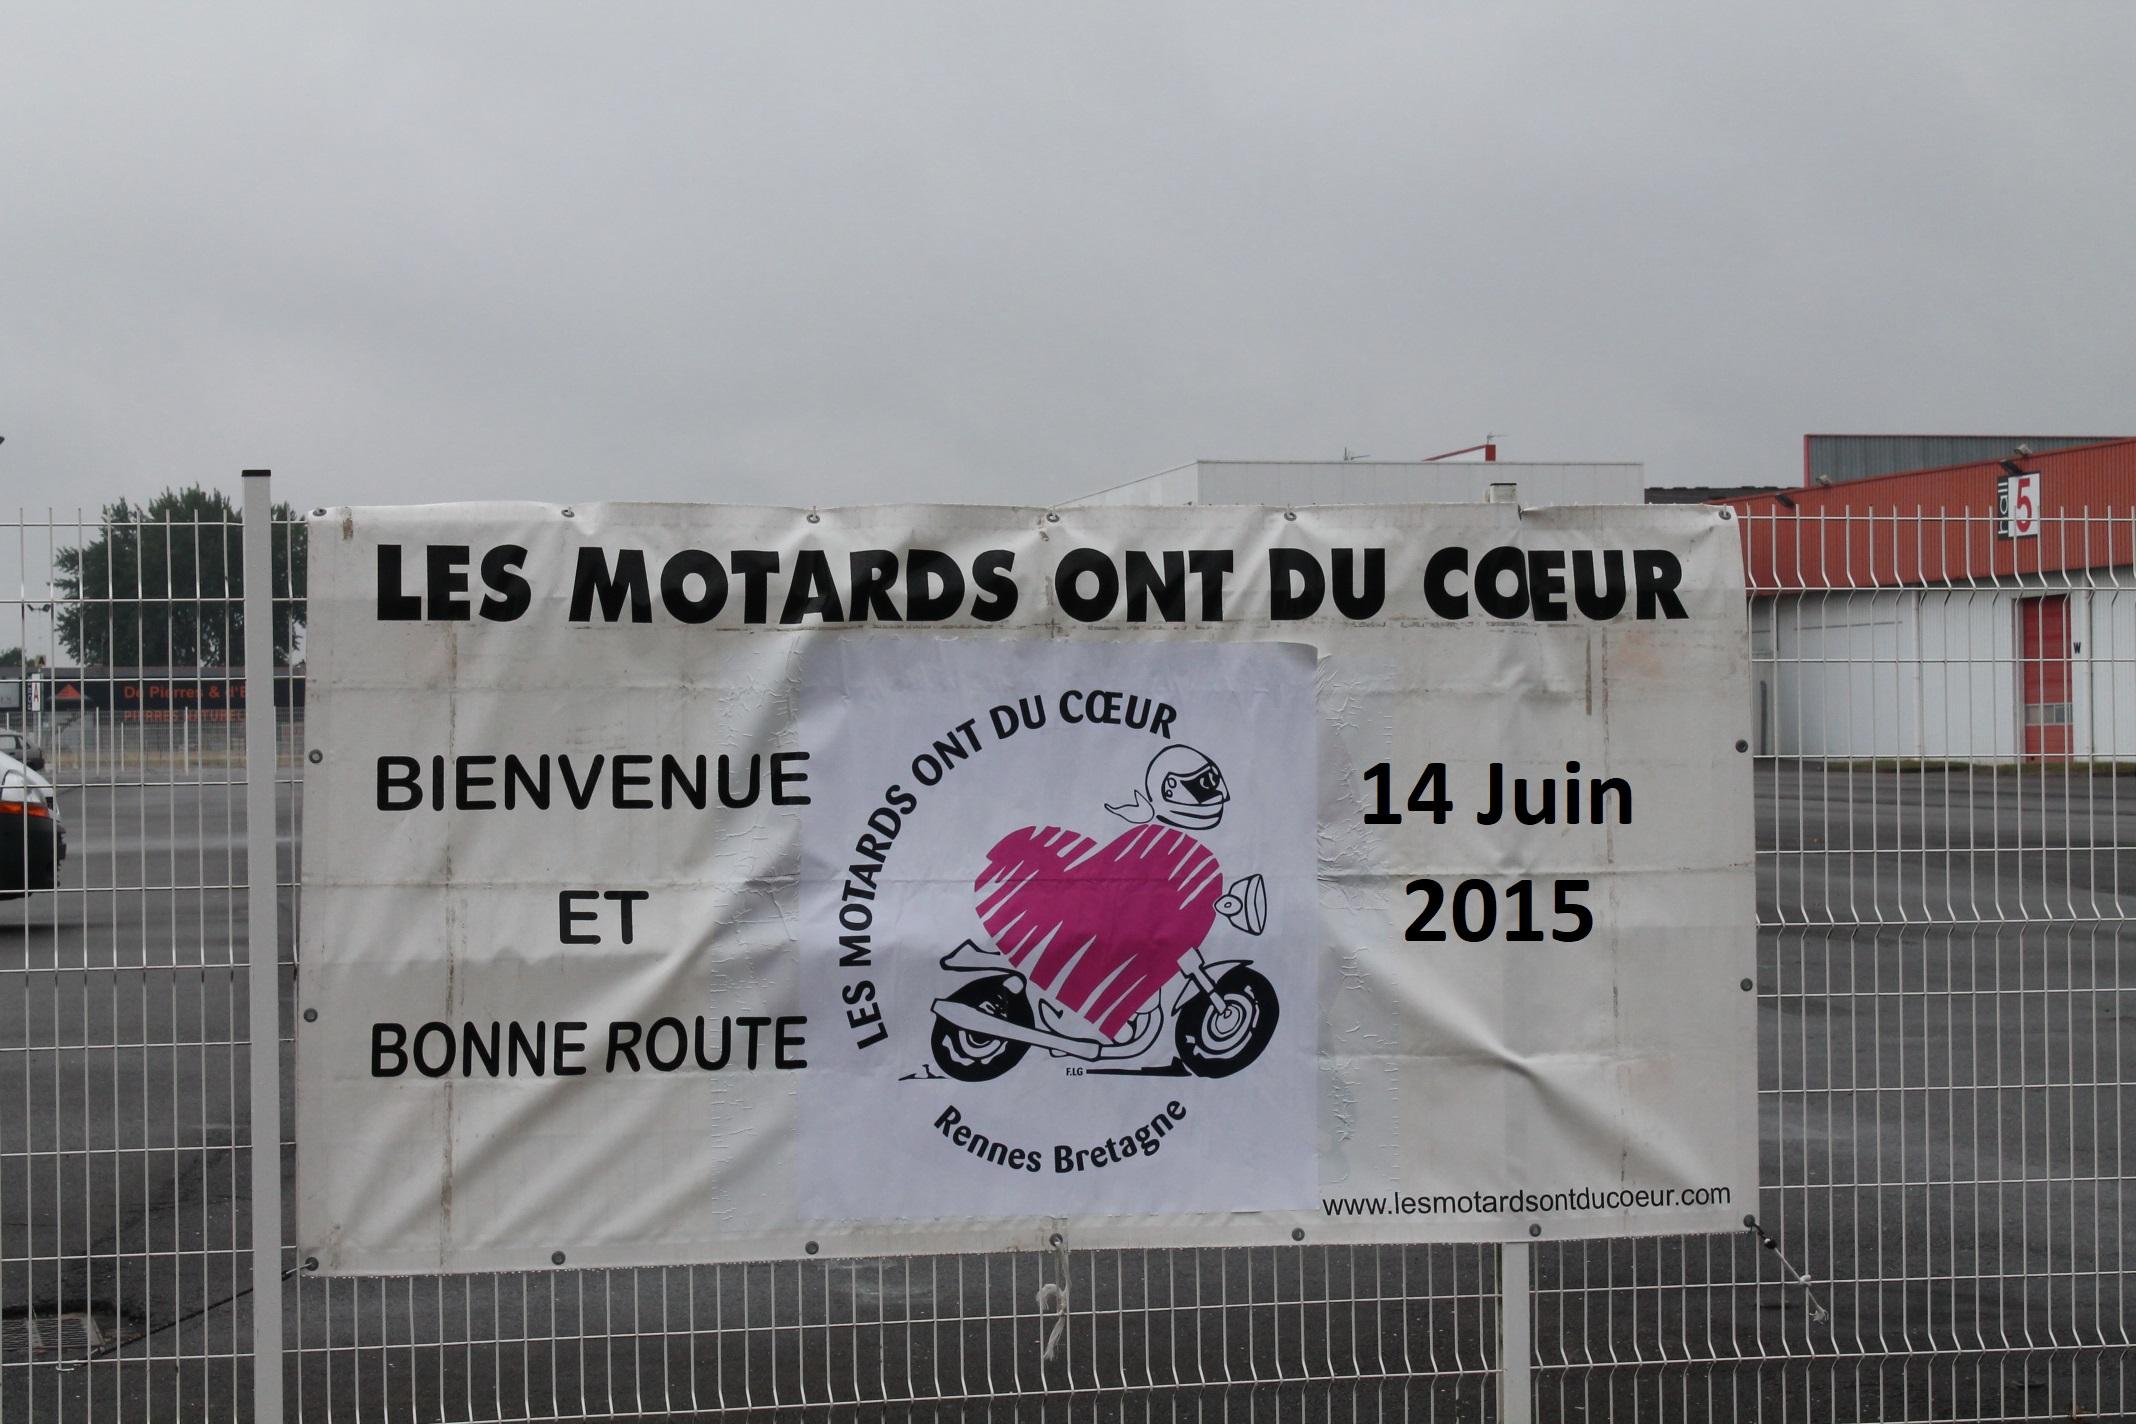 Les Photos De La Balade Du Dimanche 14 Juin 2015